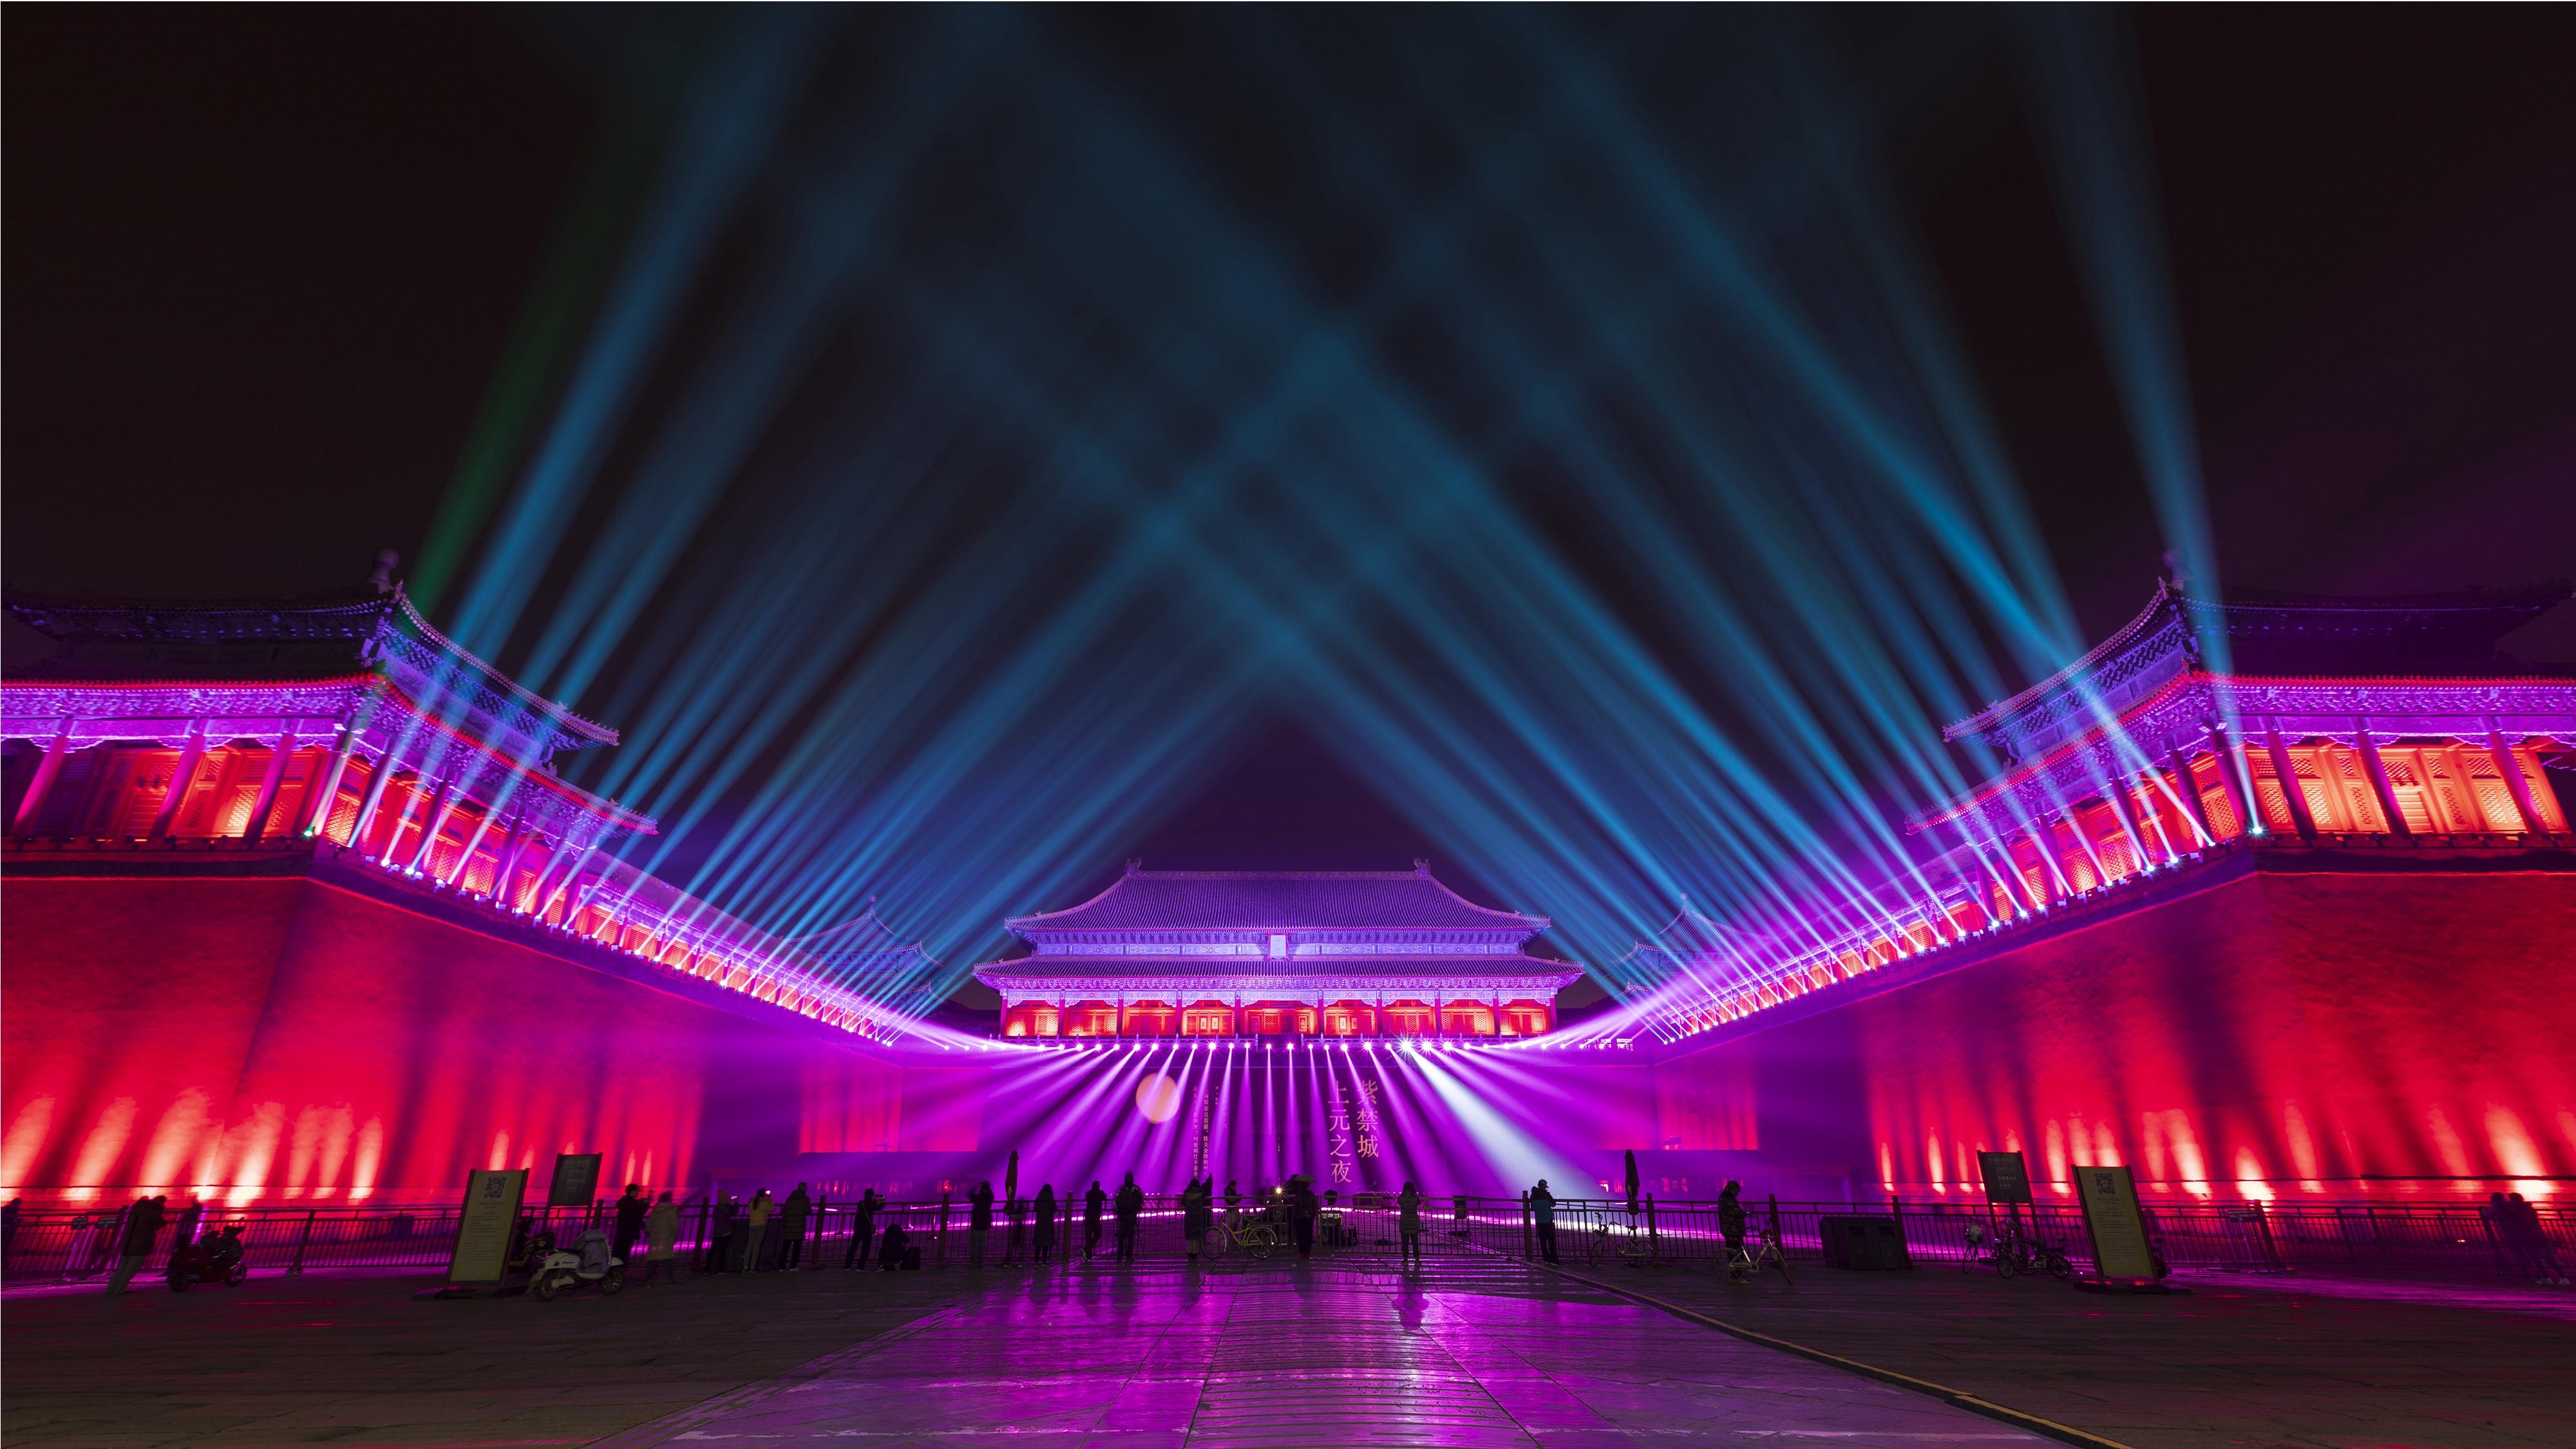 El Museo del Palacio abre sus puertas de noche